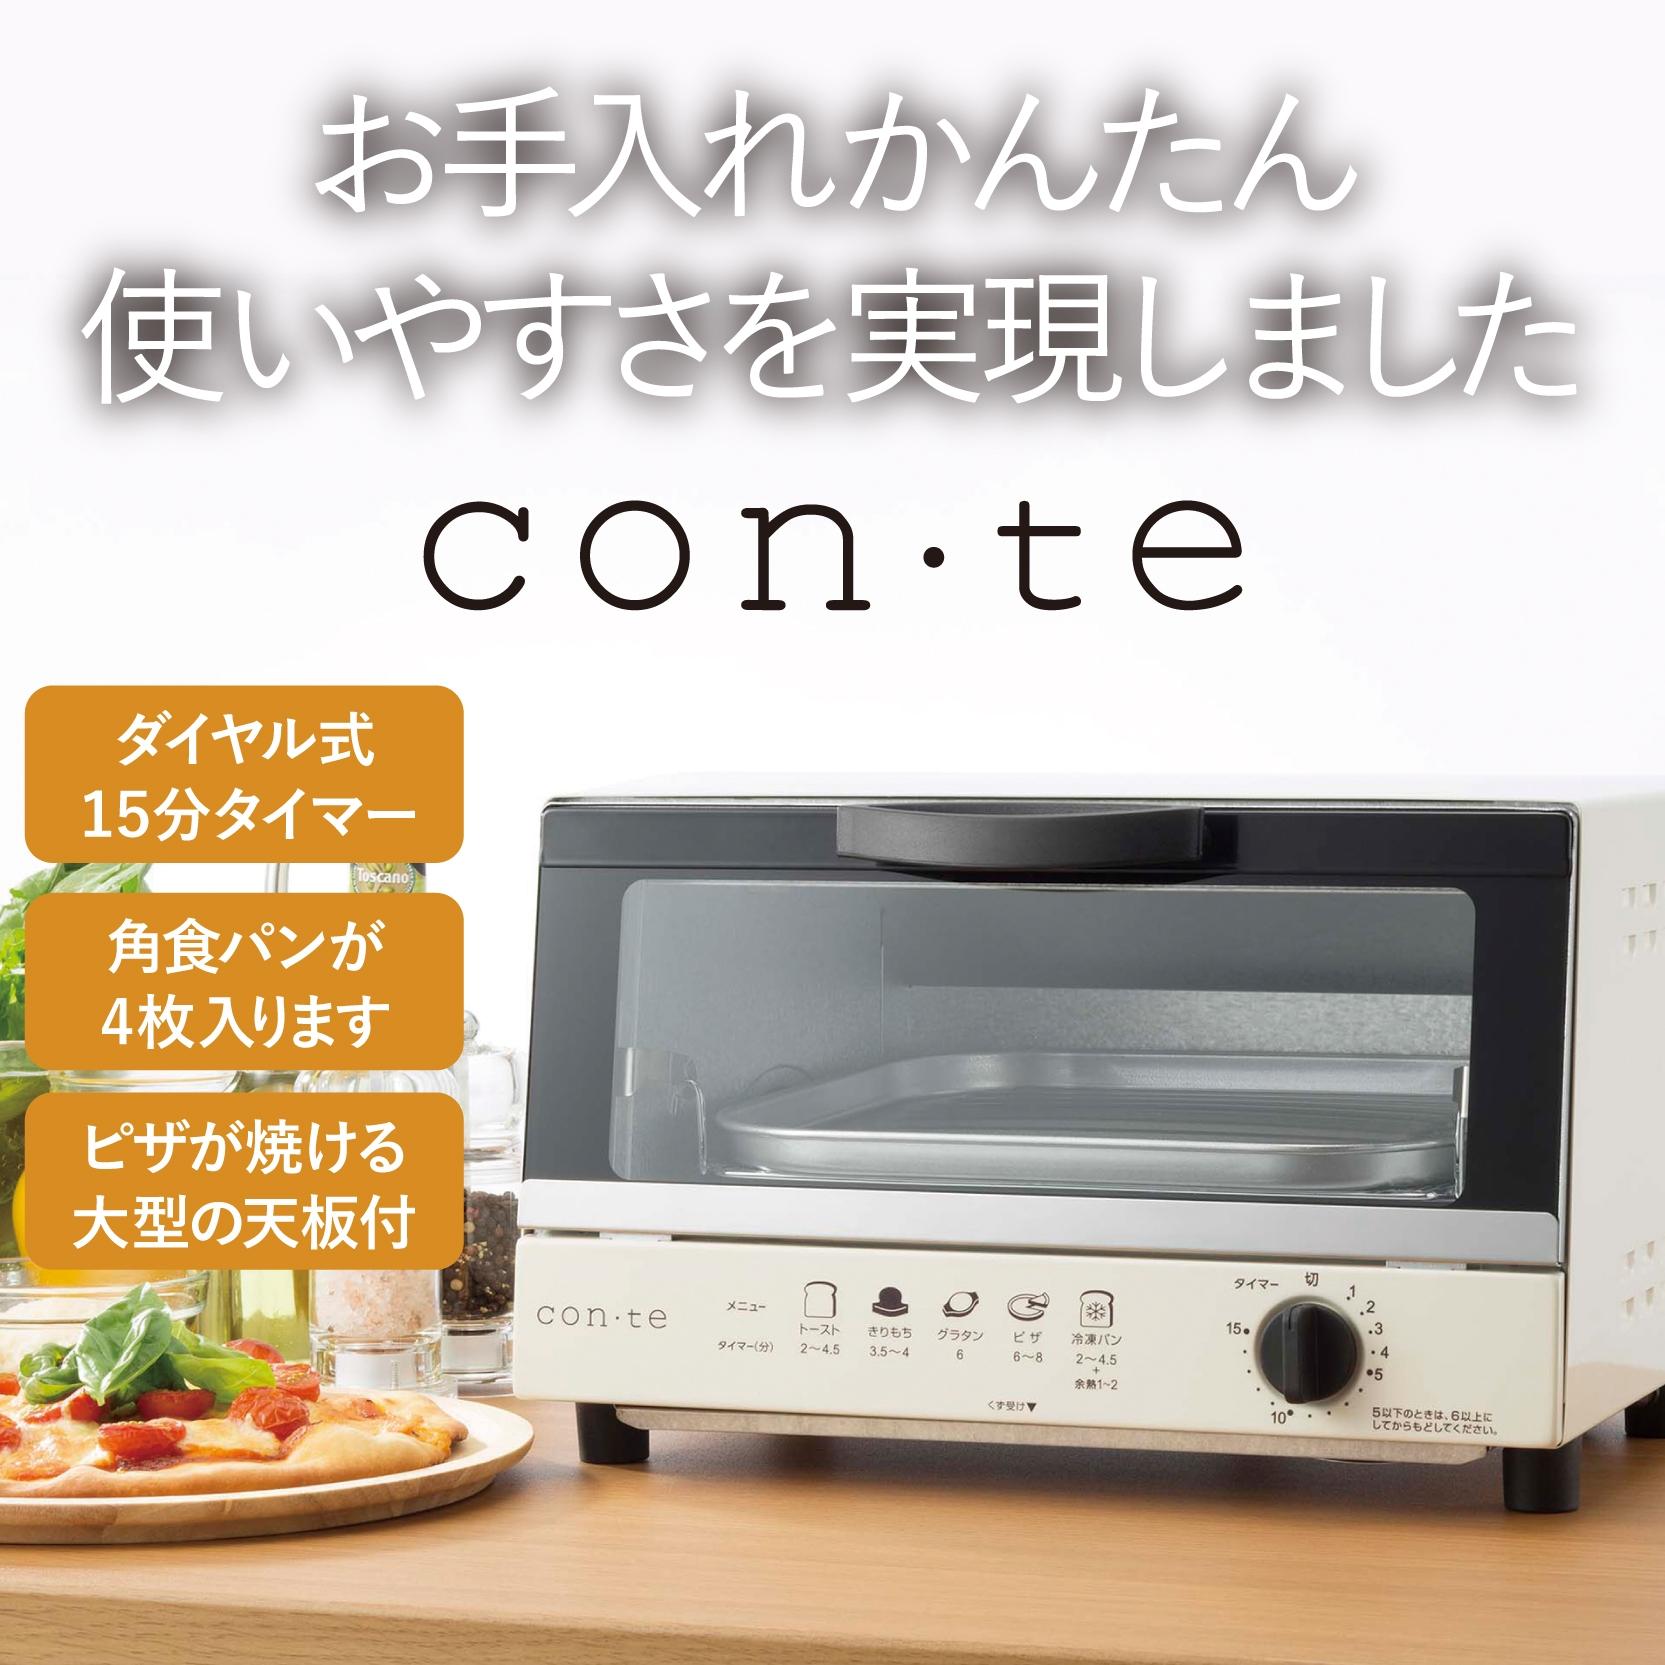 〈ツインバード〉シンプルでお手入れ簡単 使いやすさを実現 con・teオーブントースター